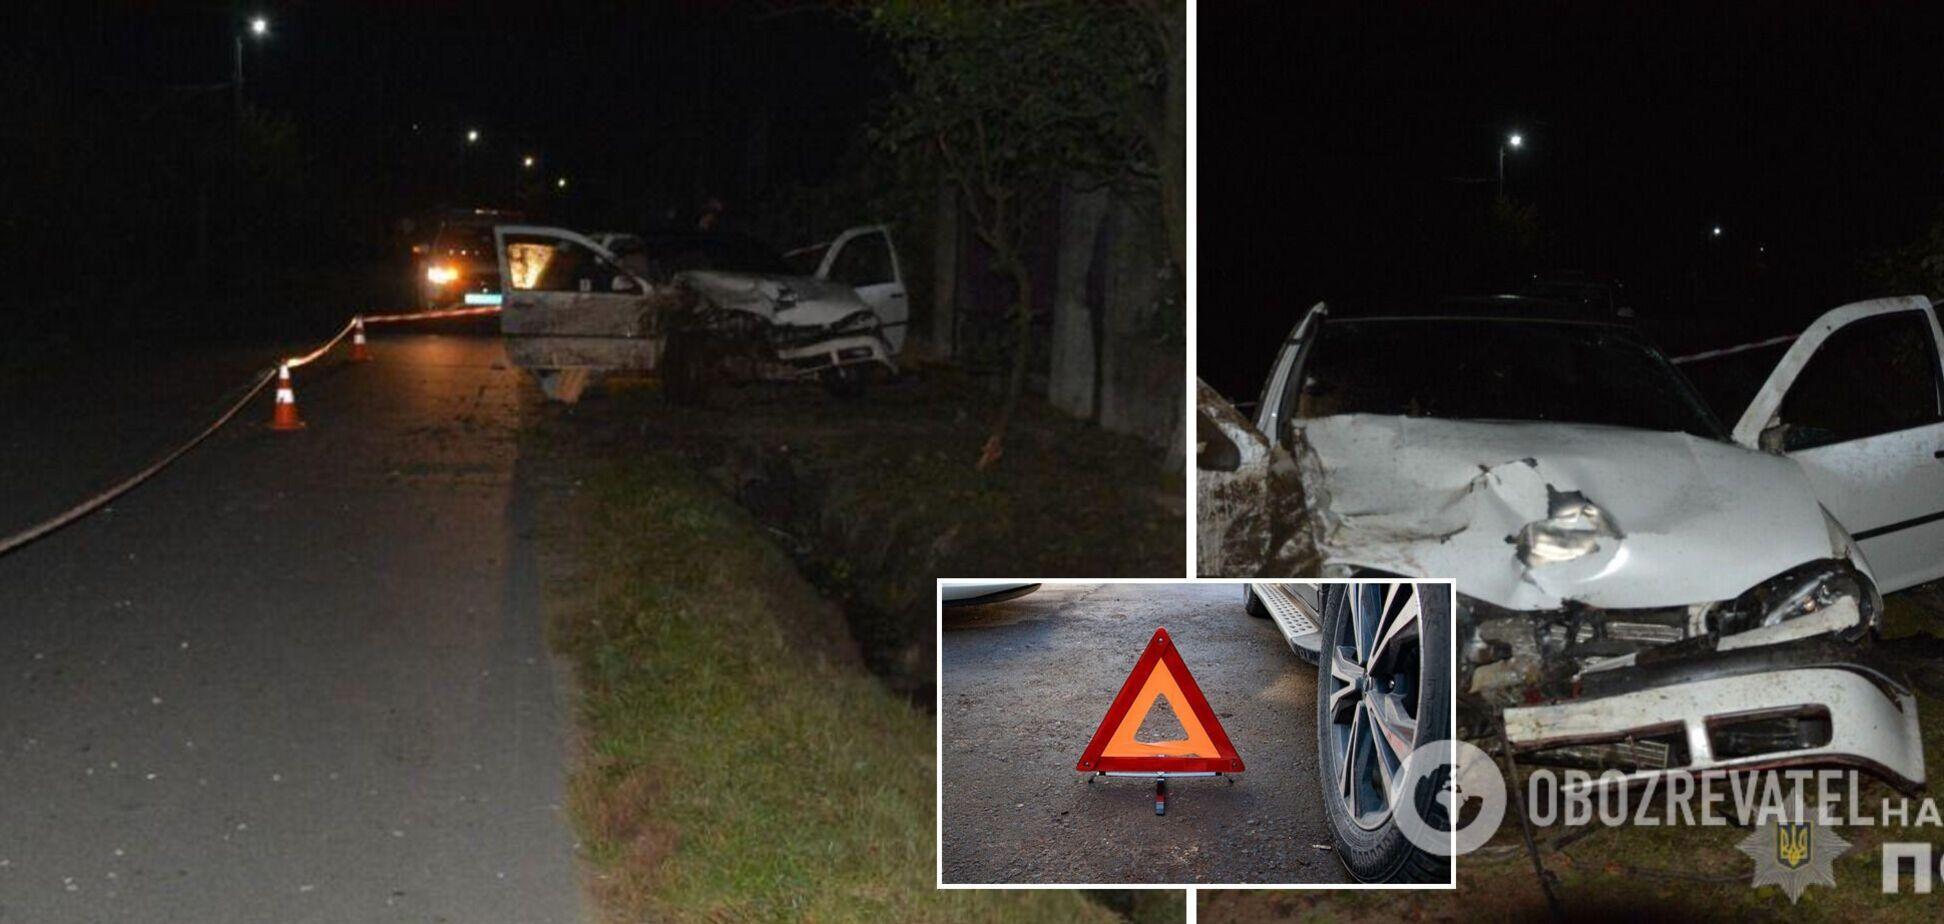 На Закарпатье водитель под наркотиками устроил ДТП: погибла 17-летняя девушка. Фото